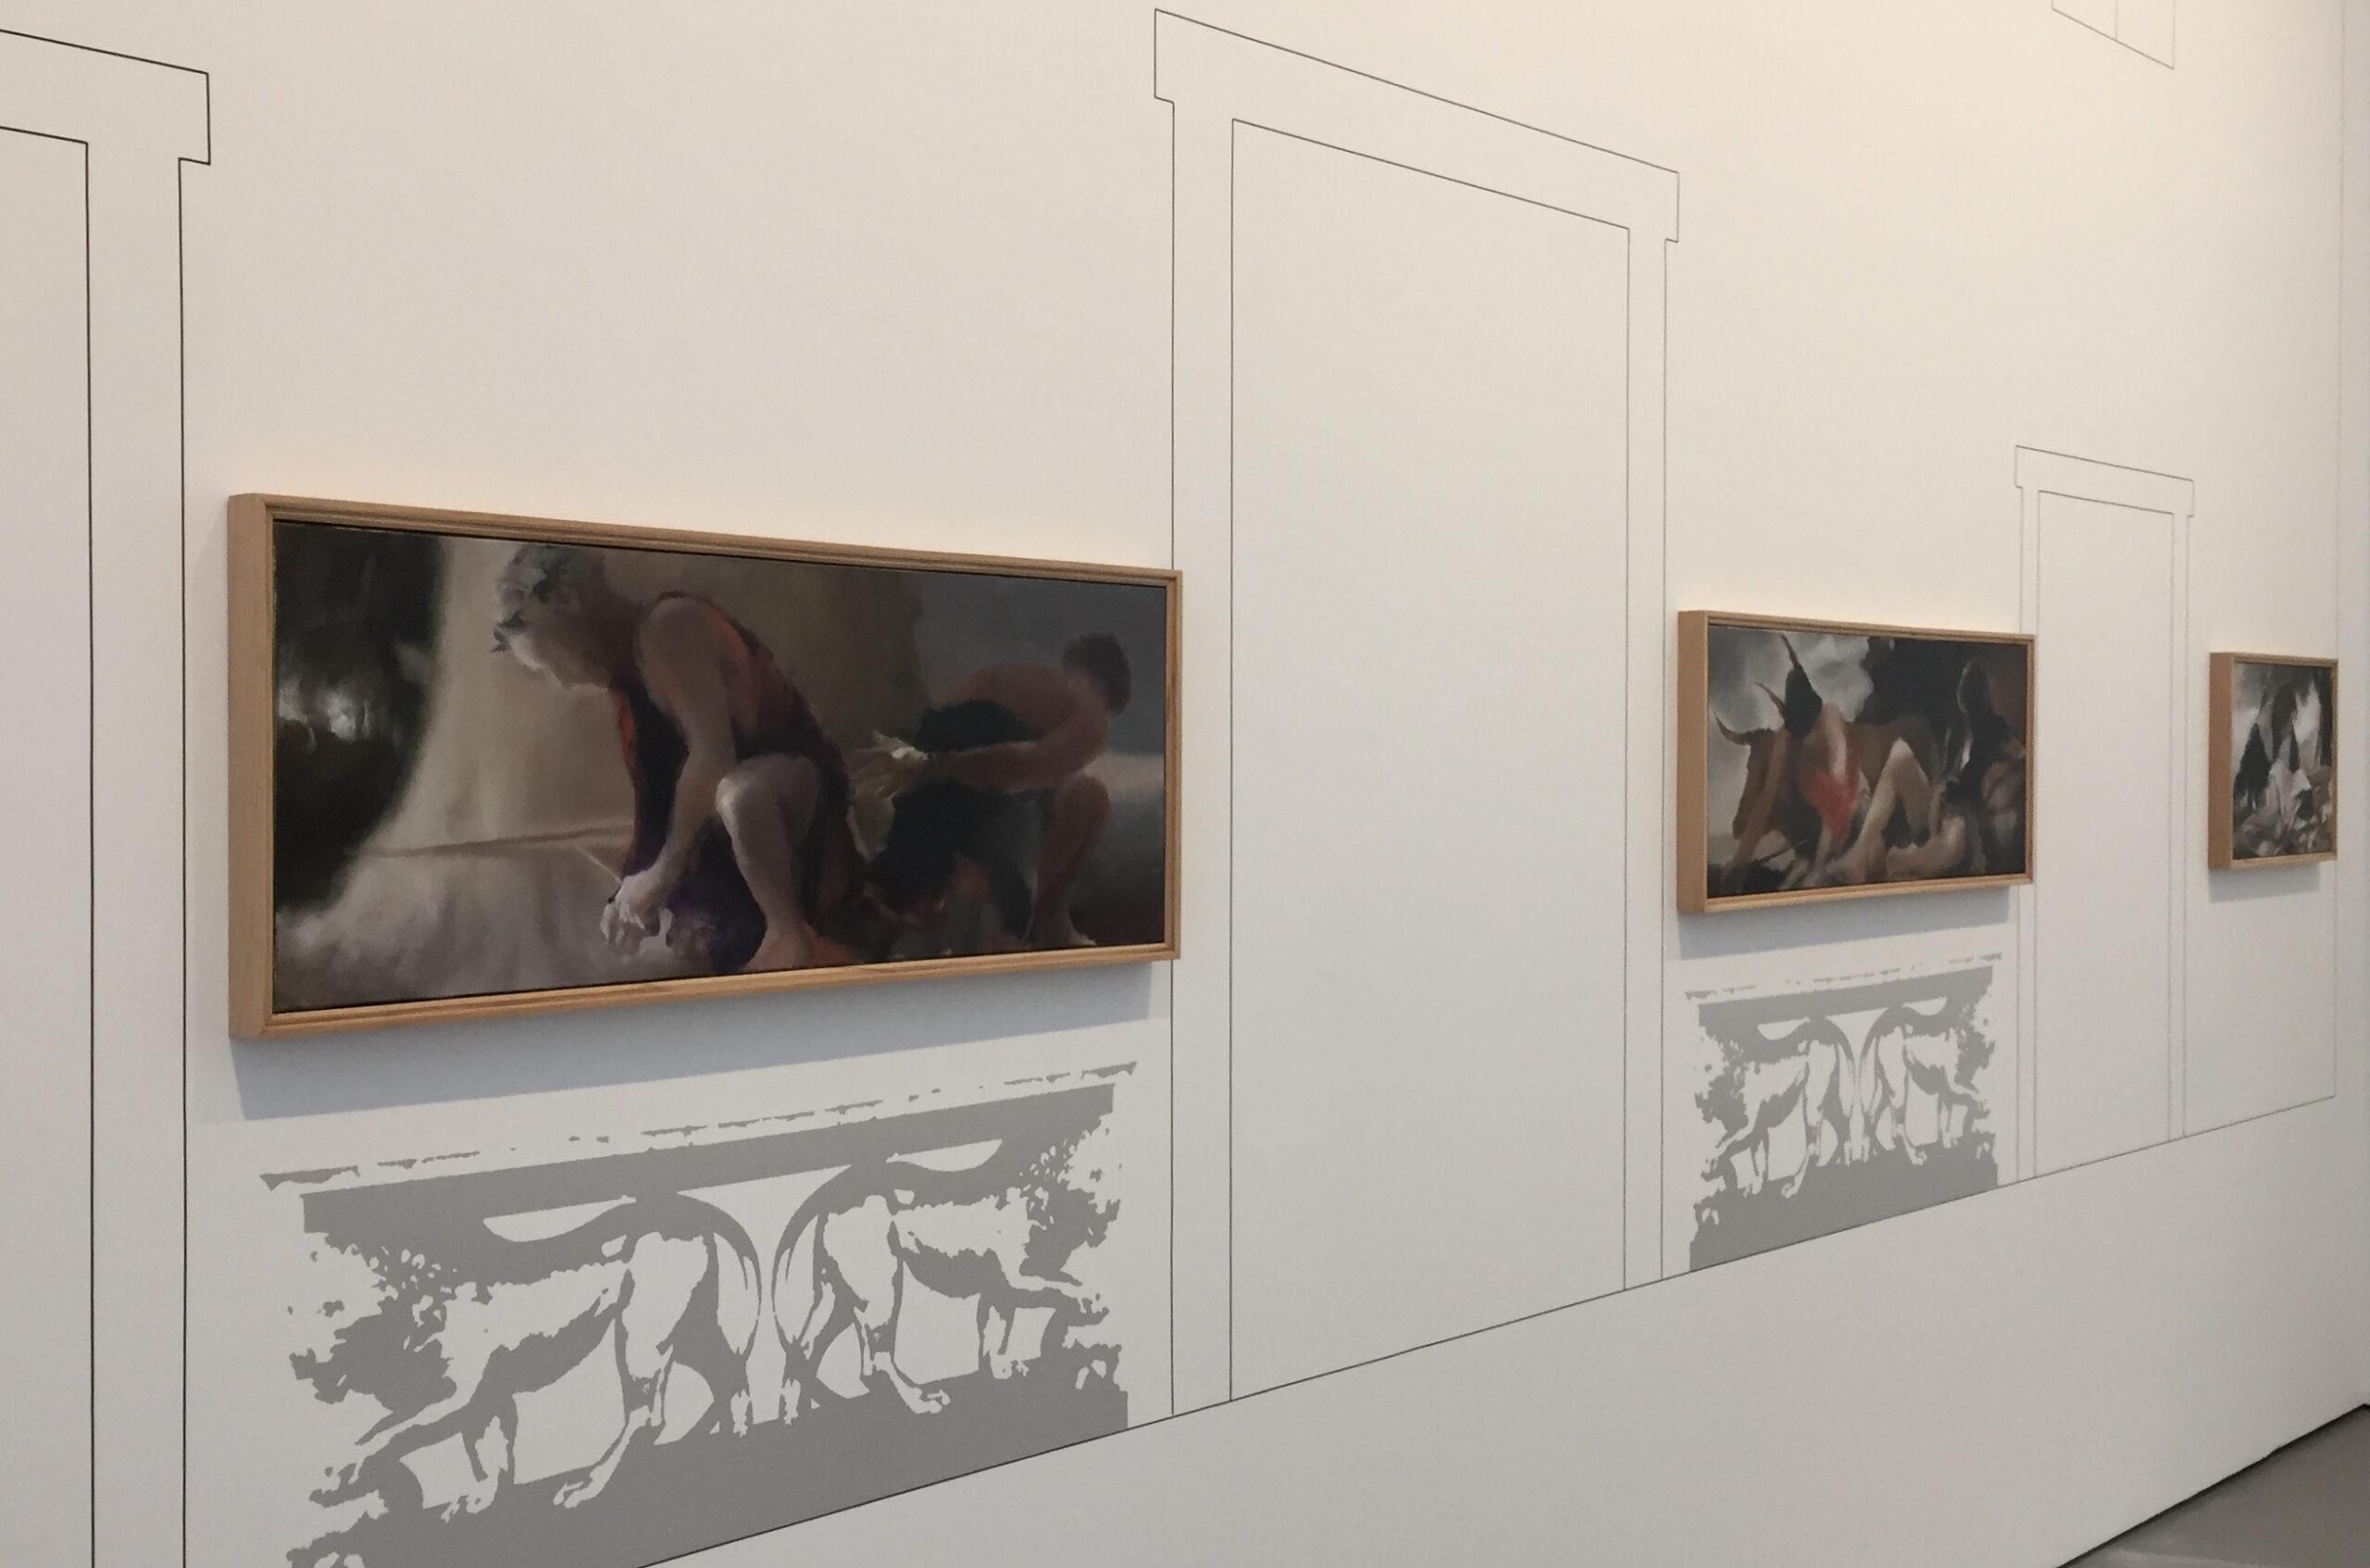 New Exhibition at Alvaro Alcazar, Madrid may 13 till June 26